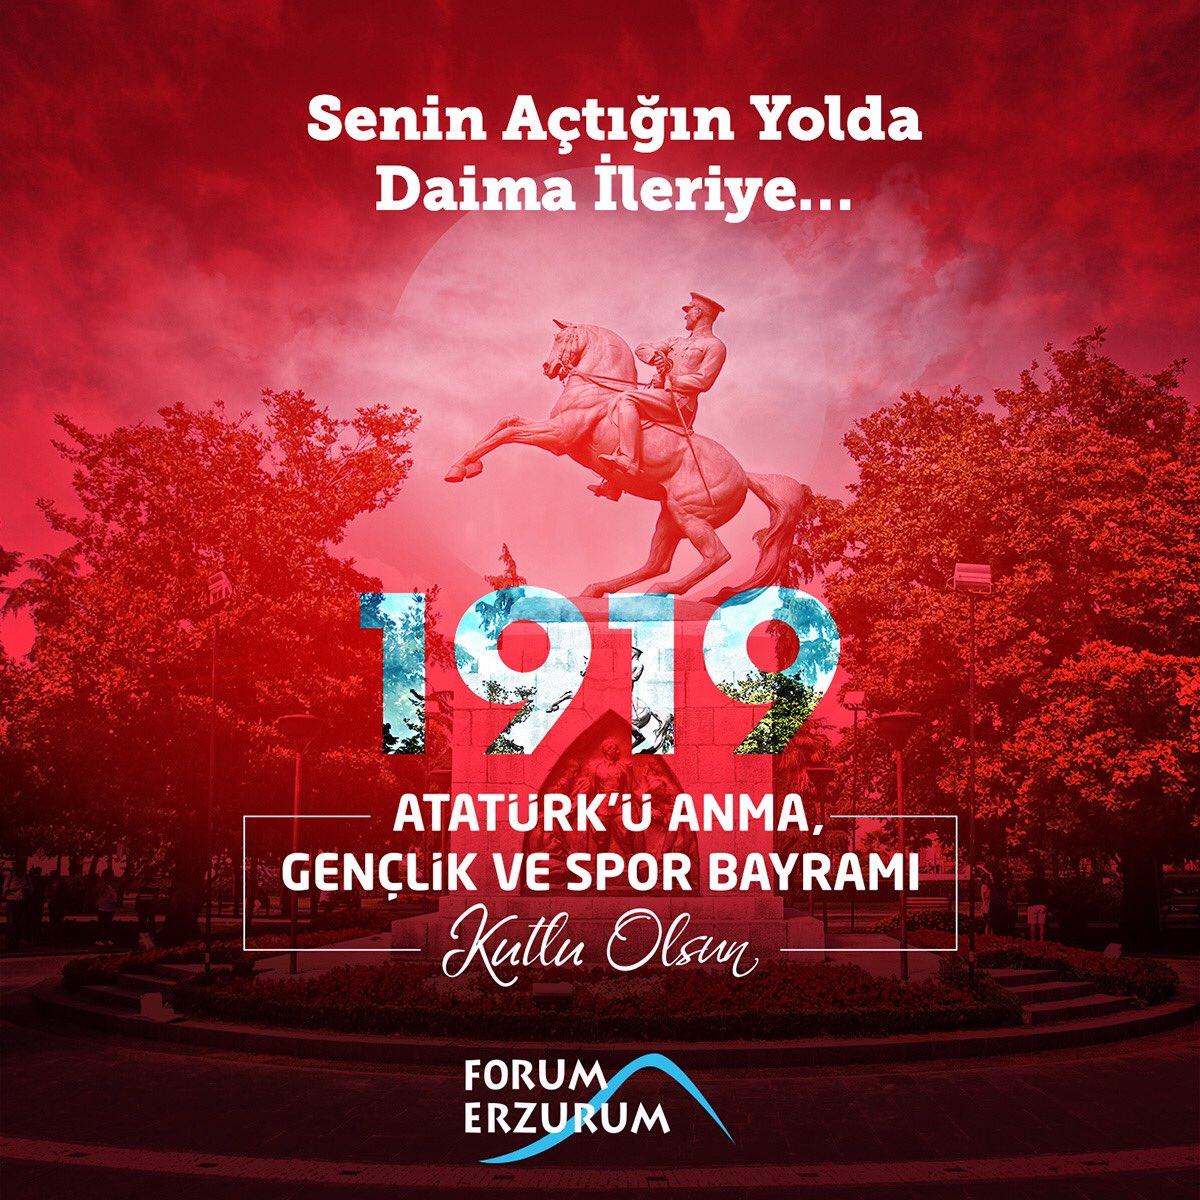 Daha güçlü yarınların mimarı olan tüm gençlerimizin, 19 Mayıs Atatürk'ü Anma, Gençlik ve Spor Bayramı kutlu olsun. #19Mayıs https://t.co/rwg1er8IBS